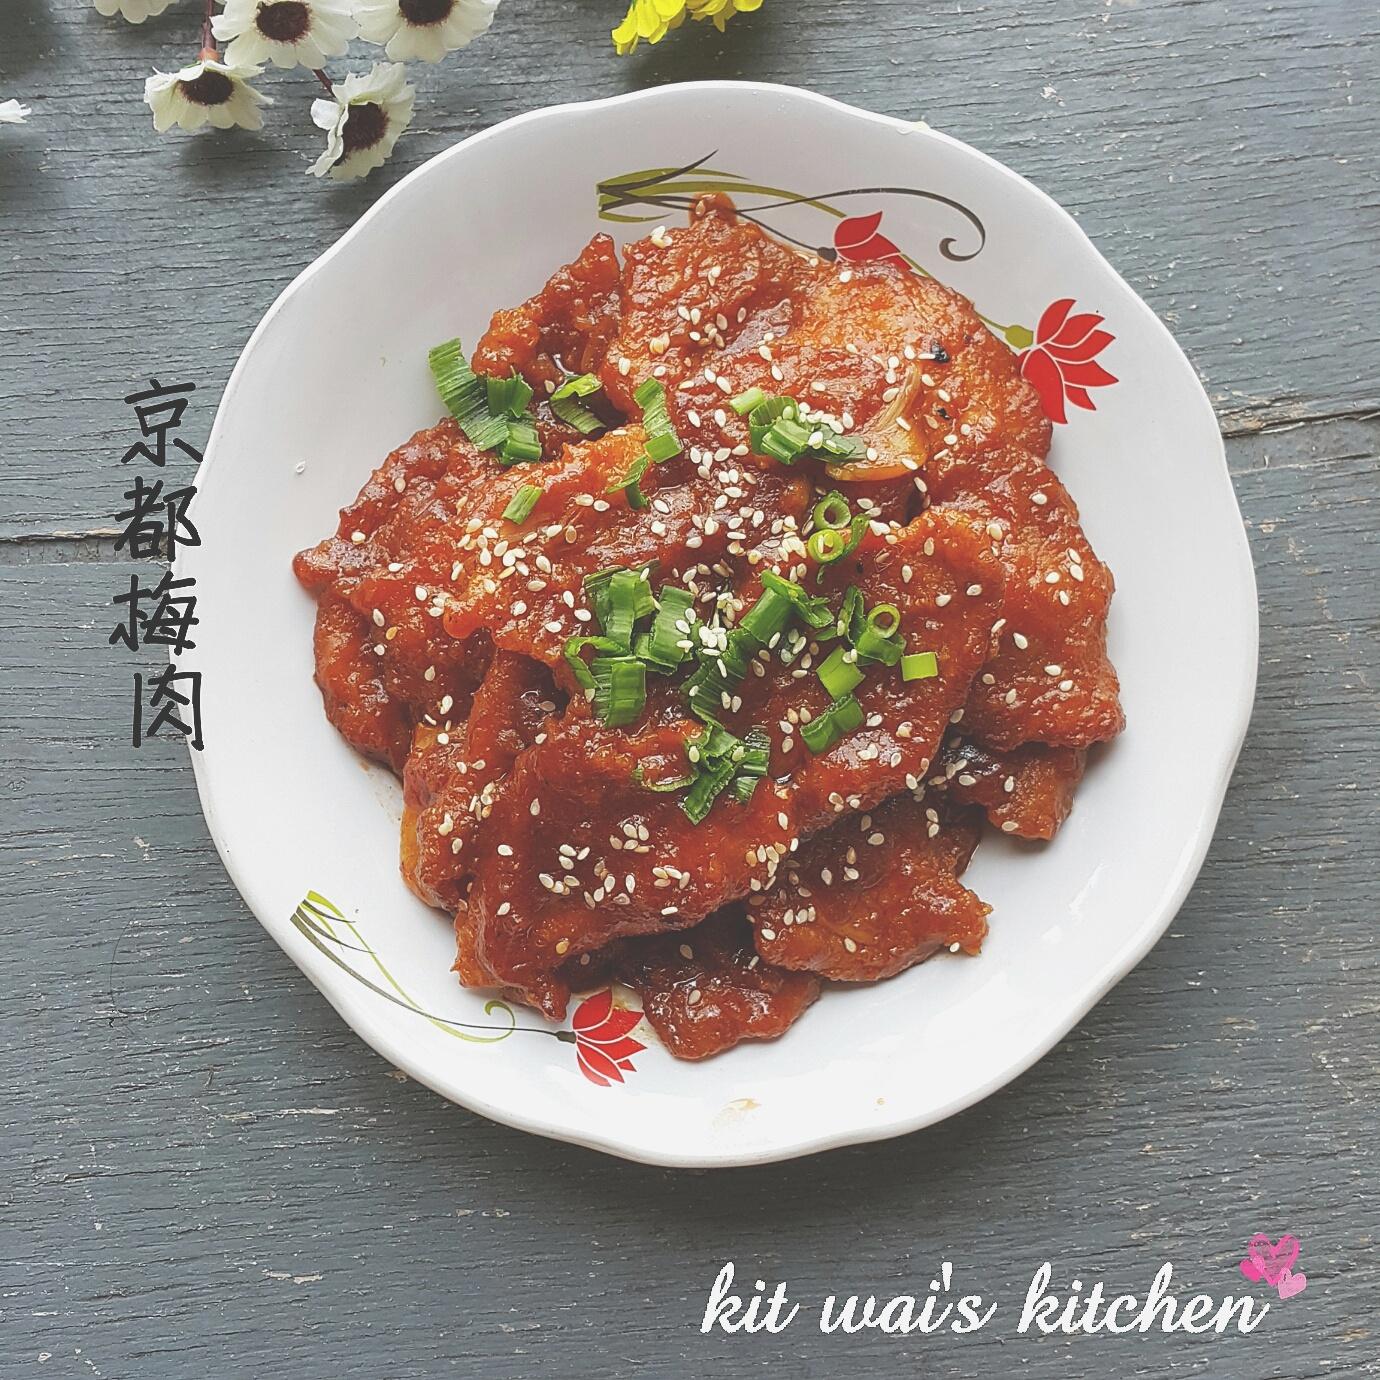 Fried Pork Tenderloin With LP Sauce